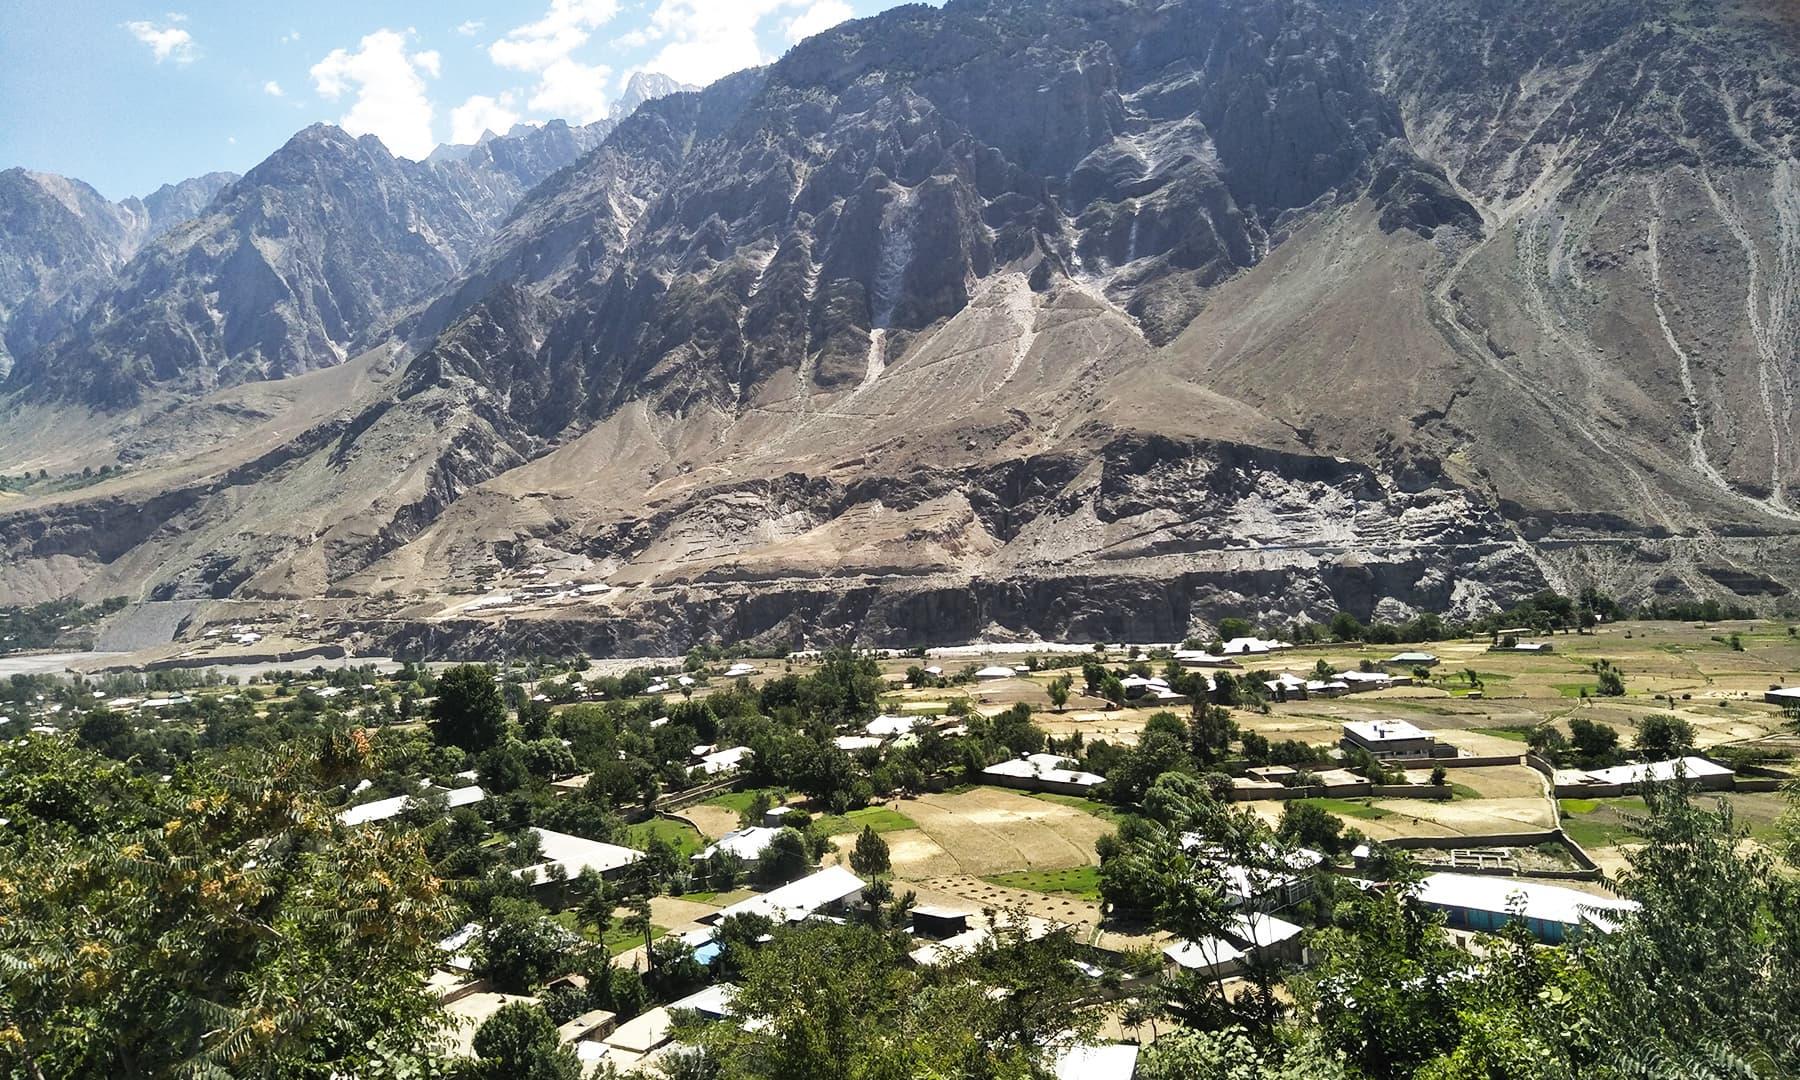 چترال میں واقع 'ایون' نامی گاؤں